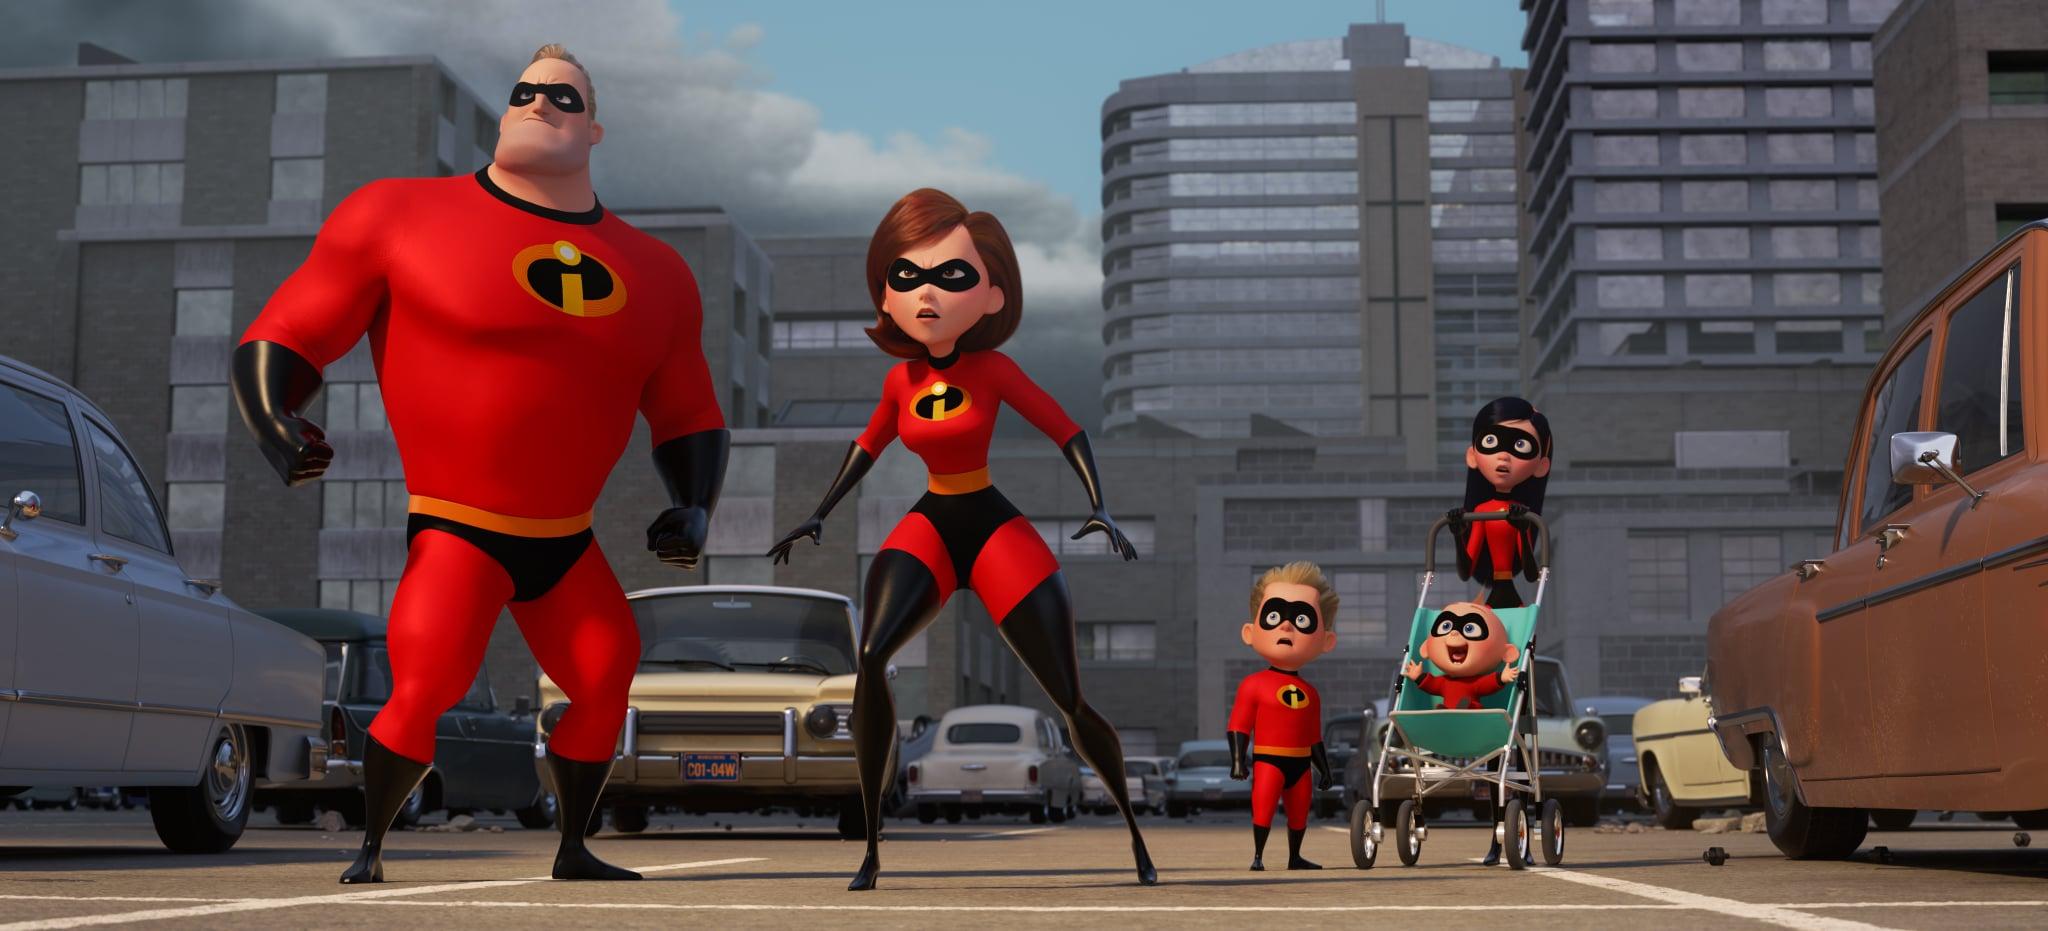 SUPER FAMILY -- In Disney Pixar's